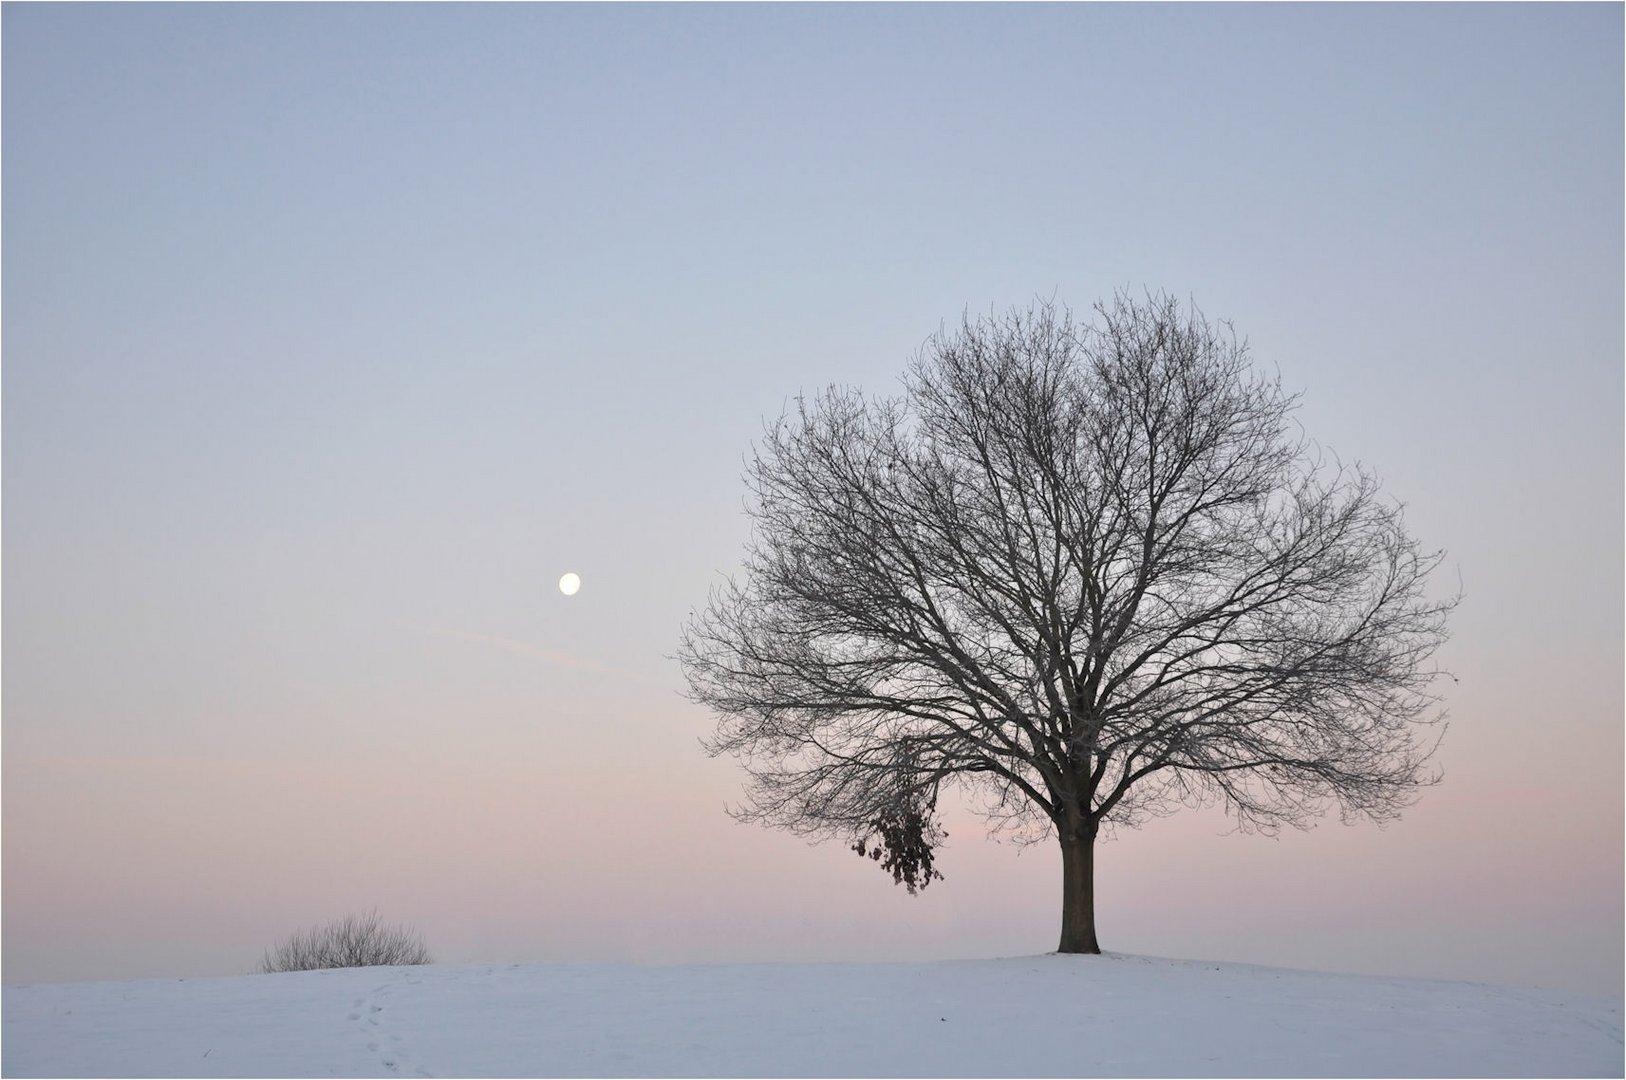 der Mond scheint dazu......